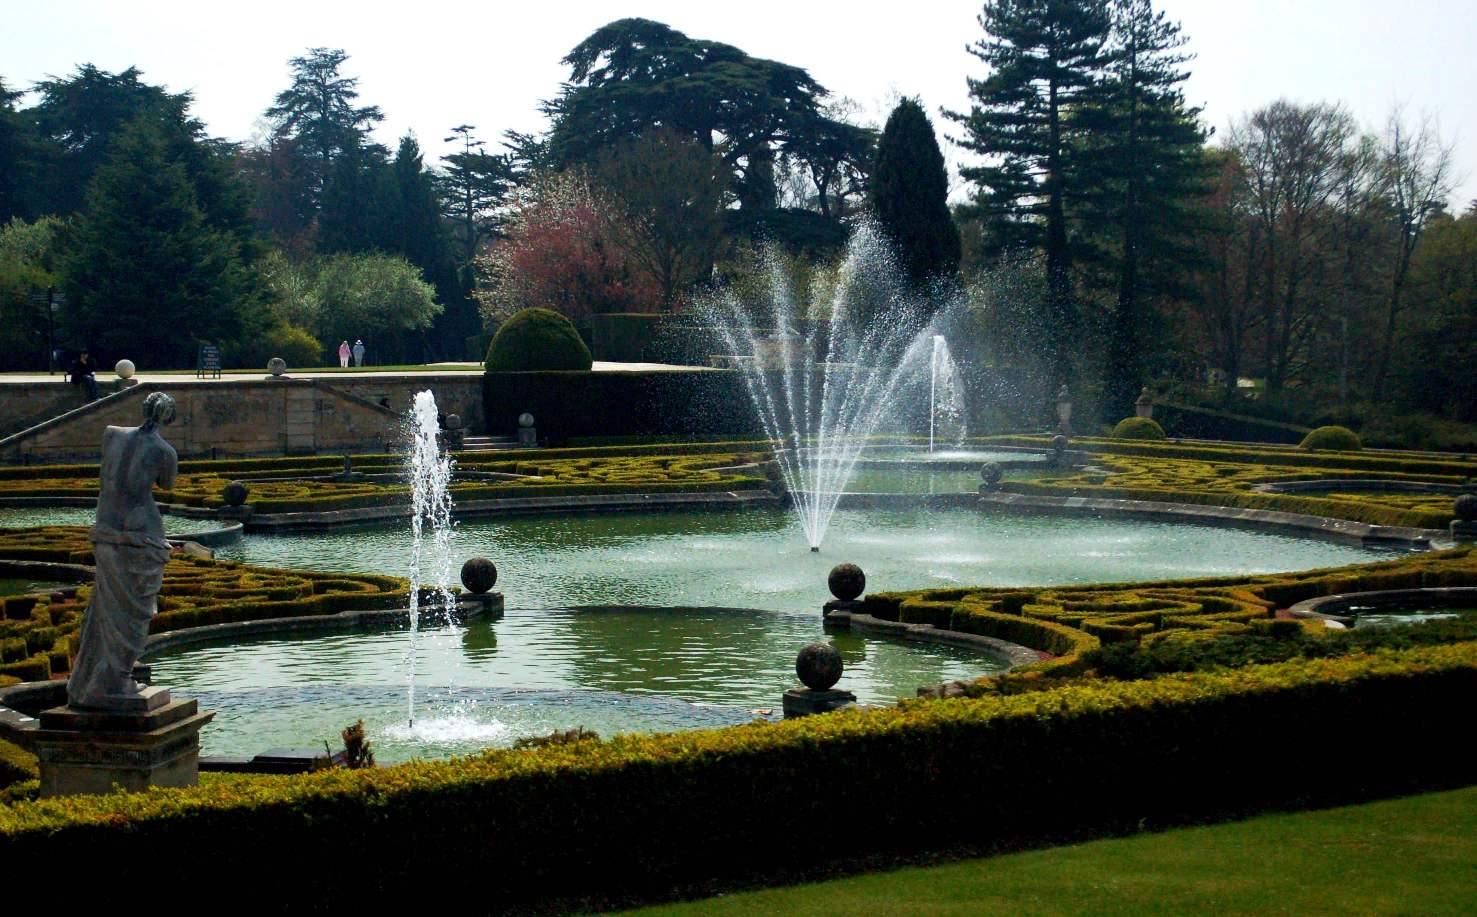 欧洲园林 法国现代景观设计风格初探 高清图片